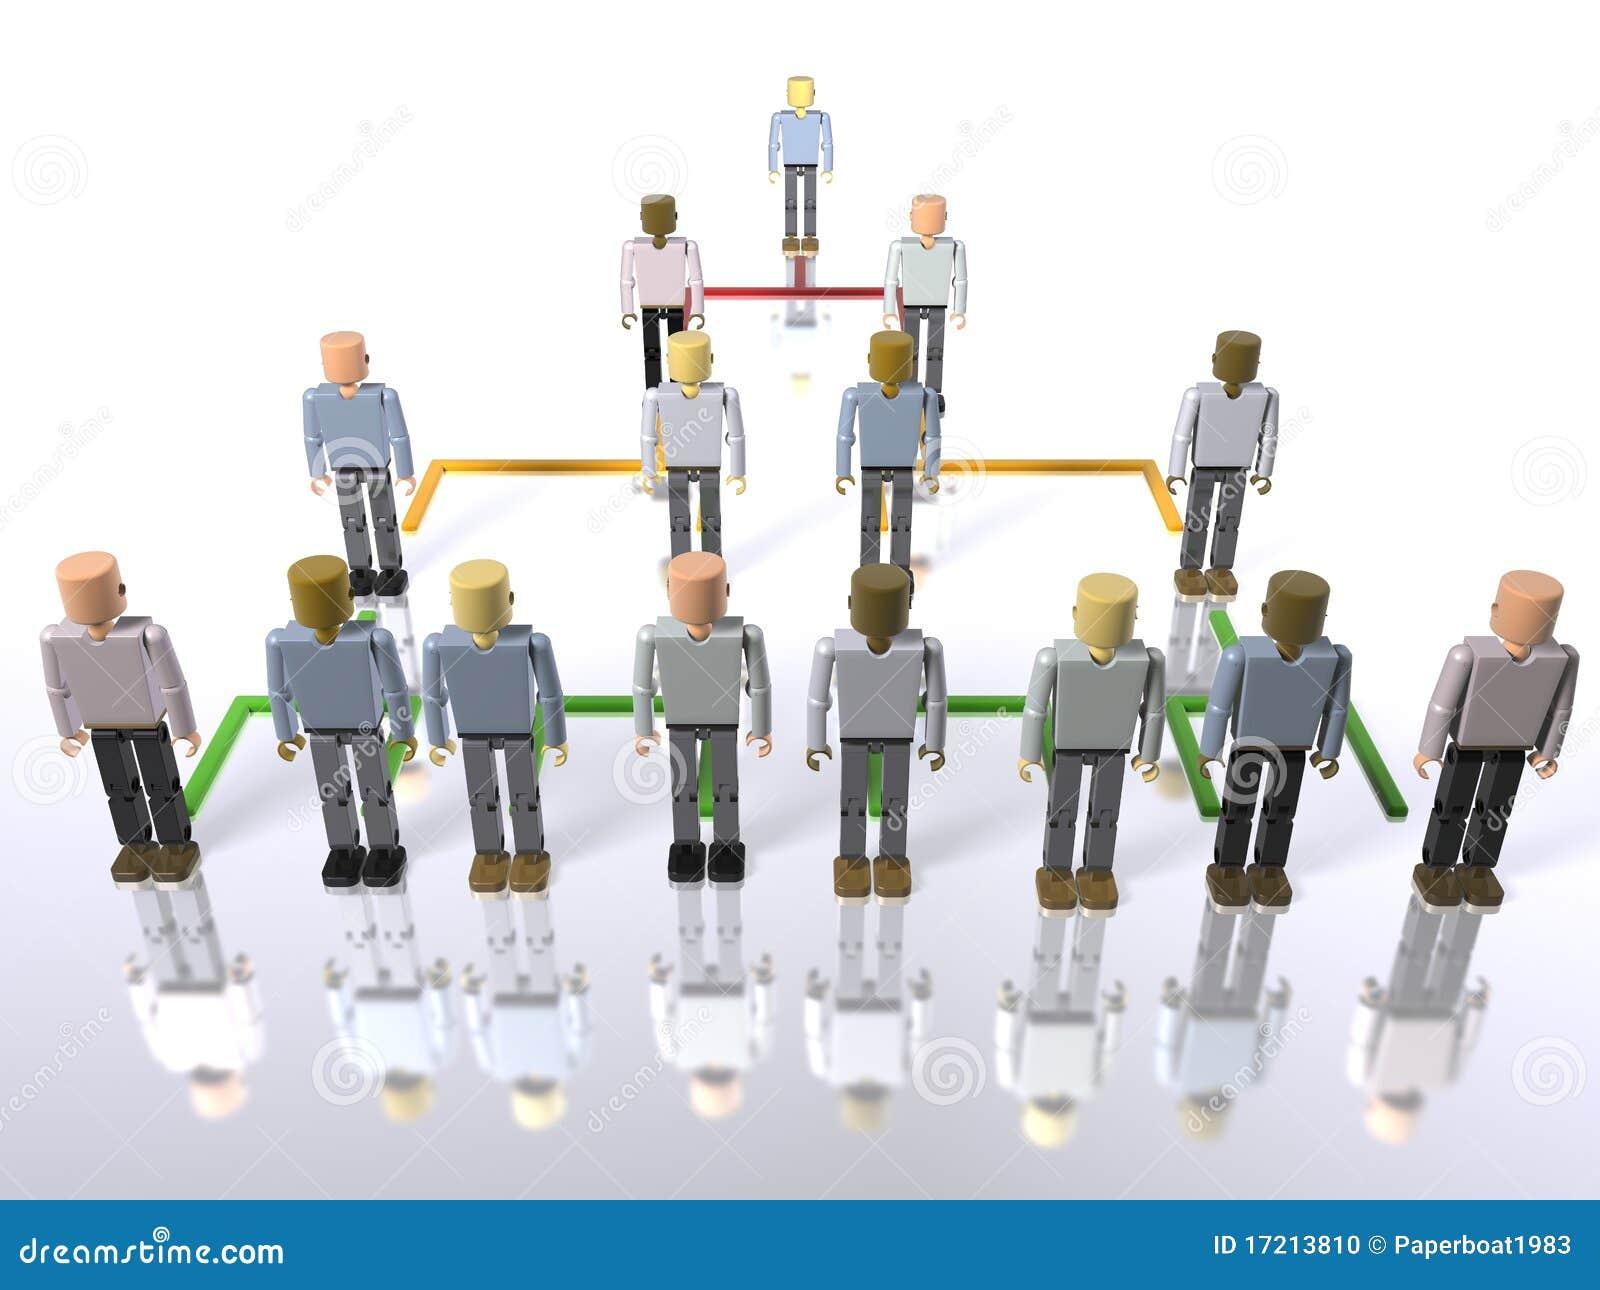 在顶层的底部企业层次结构